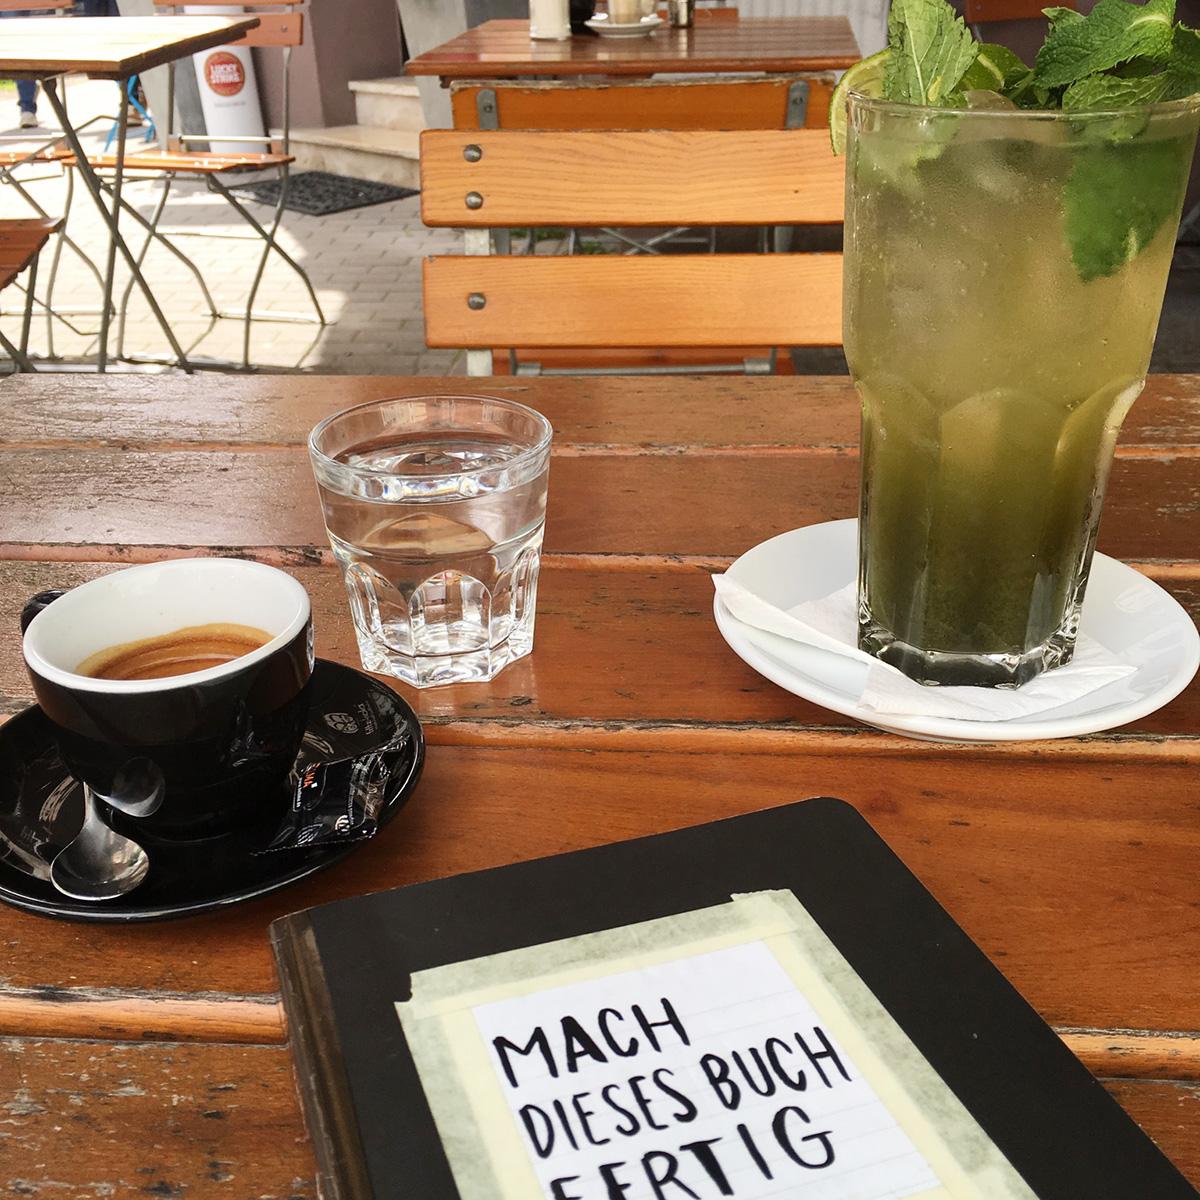 """Ein Espresso, ein kleines Glas Wasser, eine Minzlimonade und das Buch """"Mach dieses Buch fertig"""" auf einem Holztisch"""